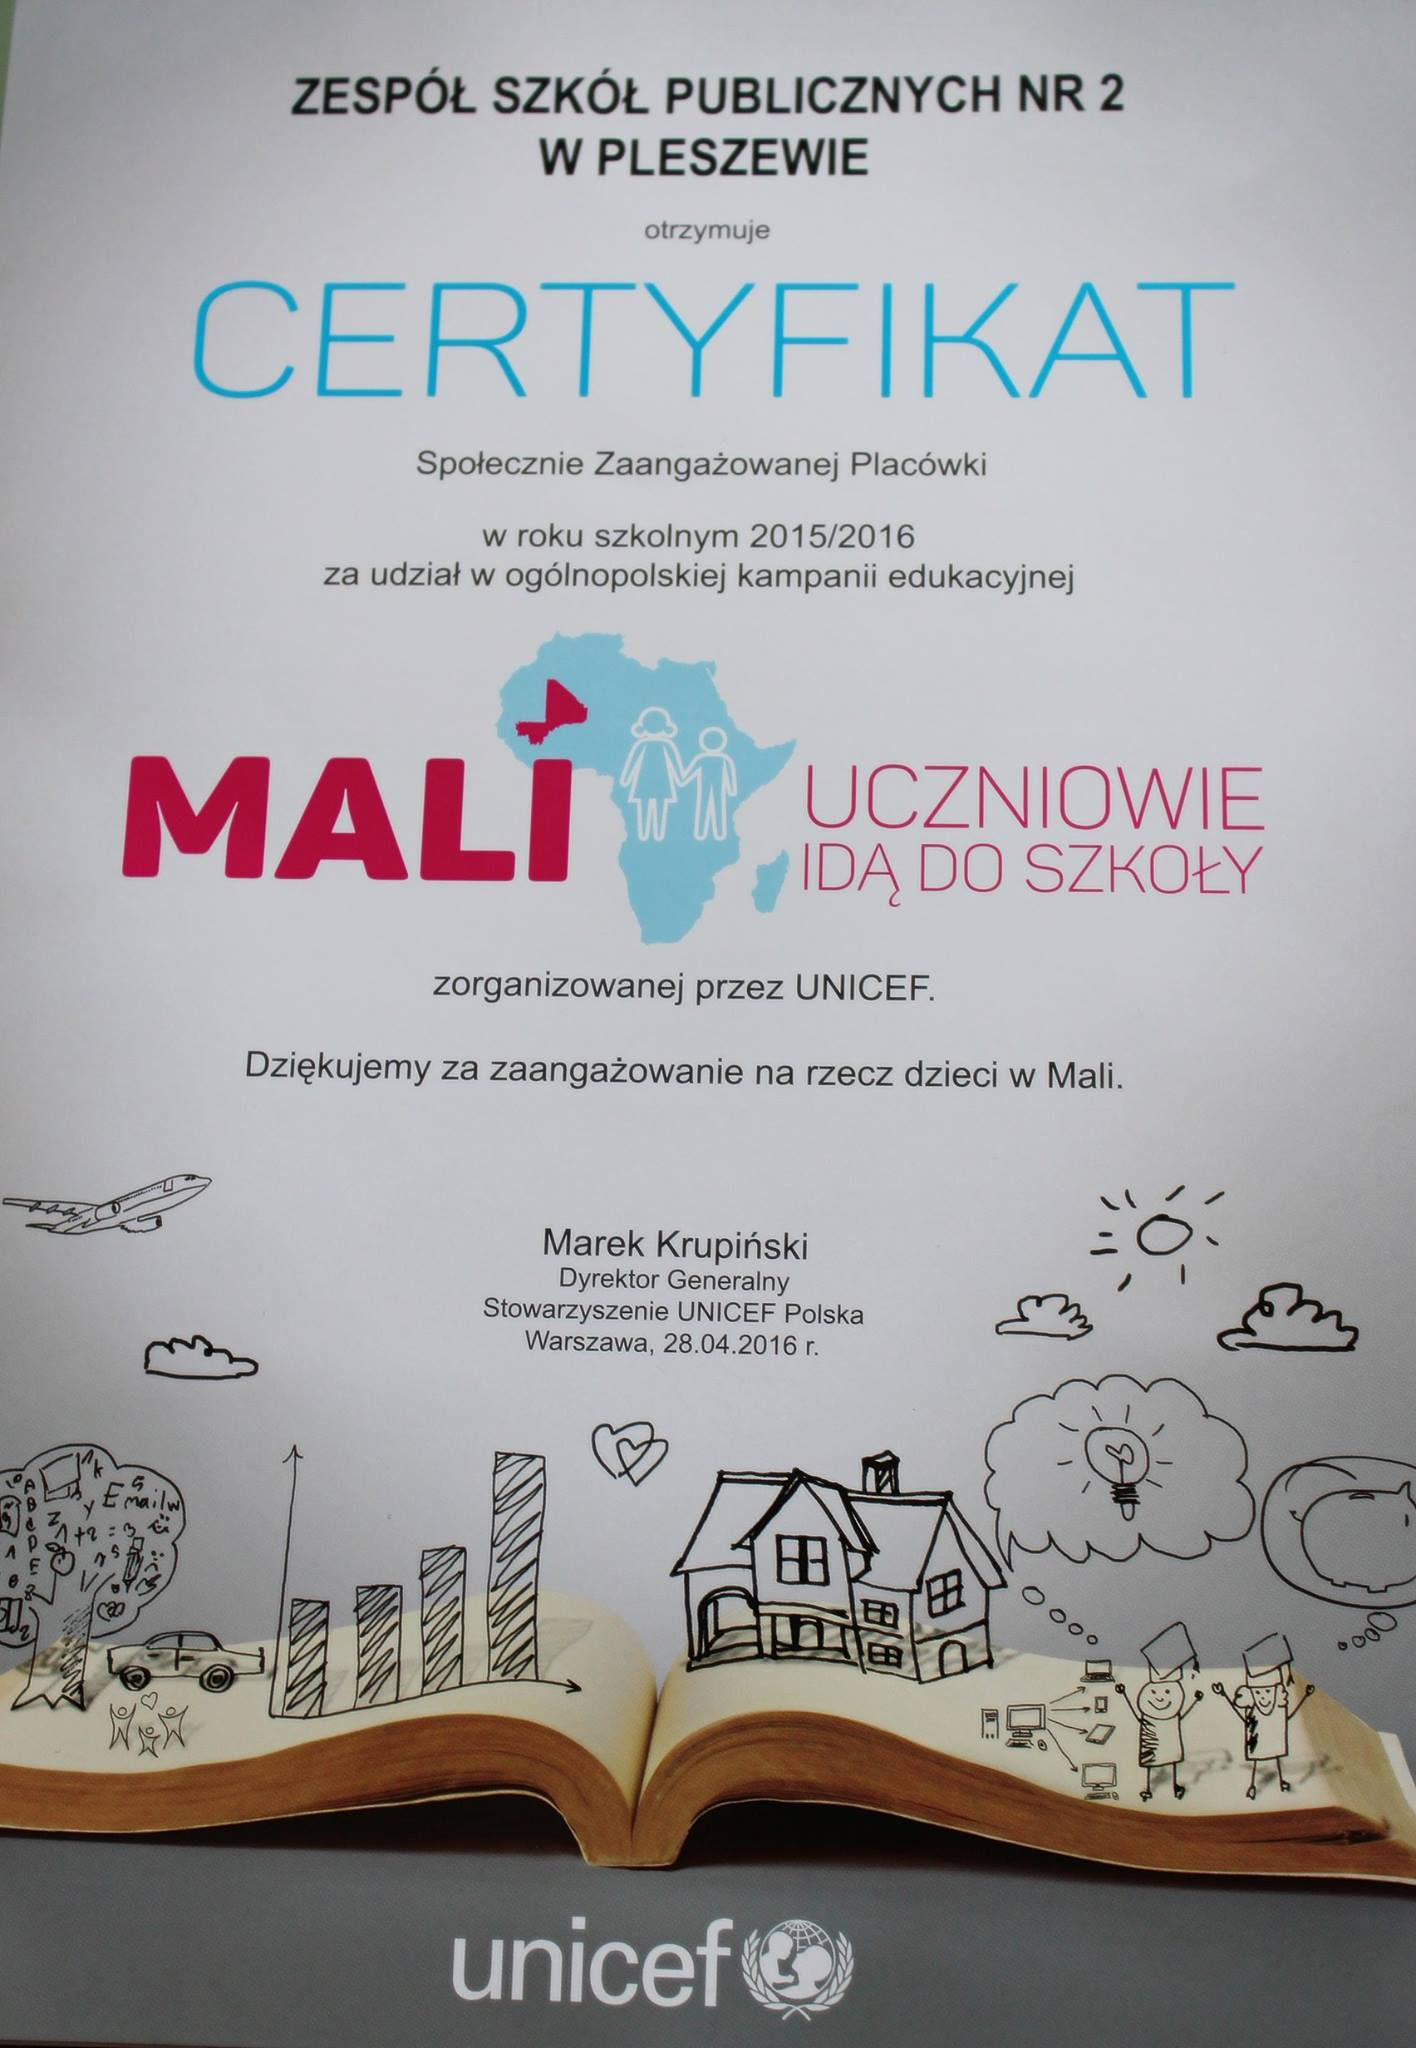 Zdobyliśmy Certyfikat Społecznie Zaangażowanej Placówki!